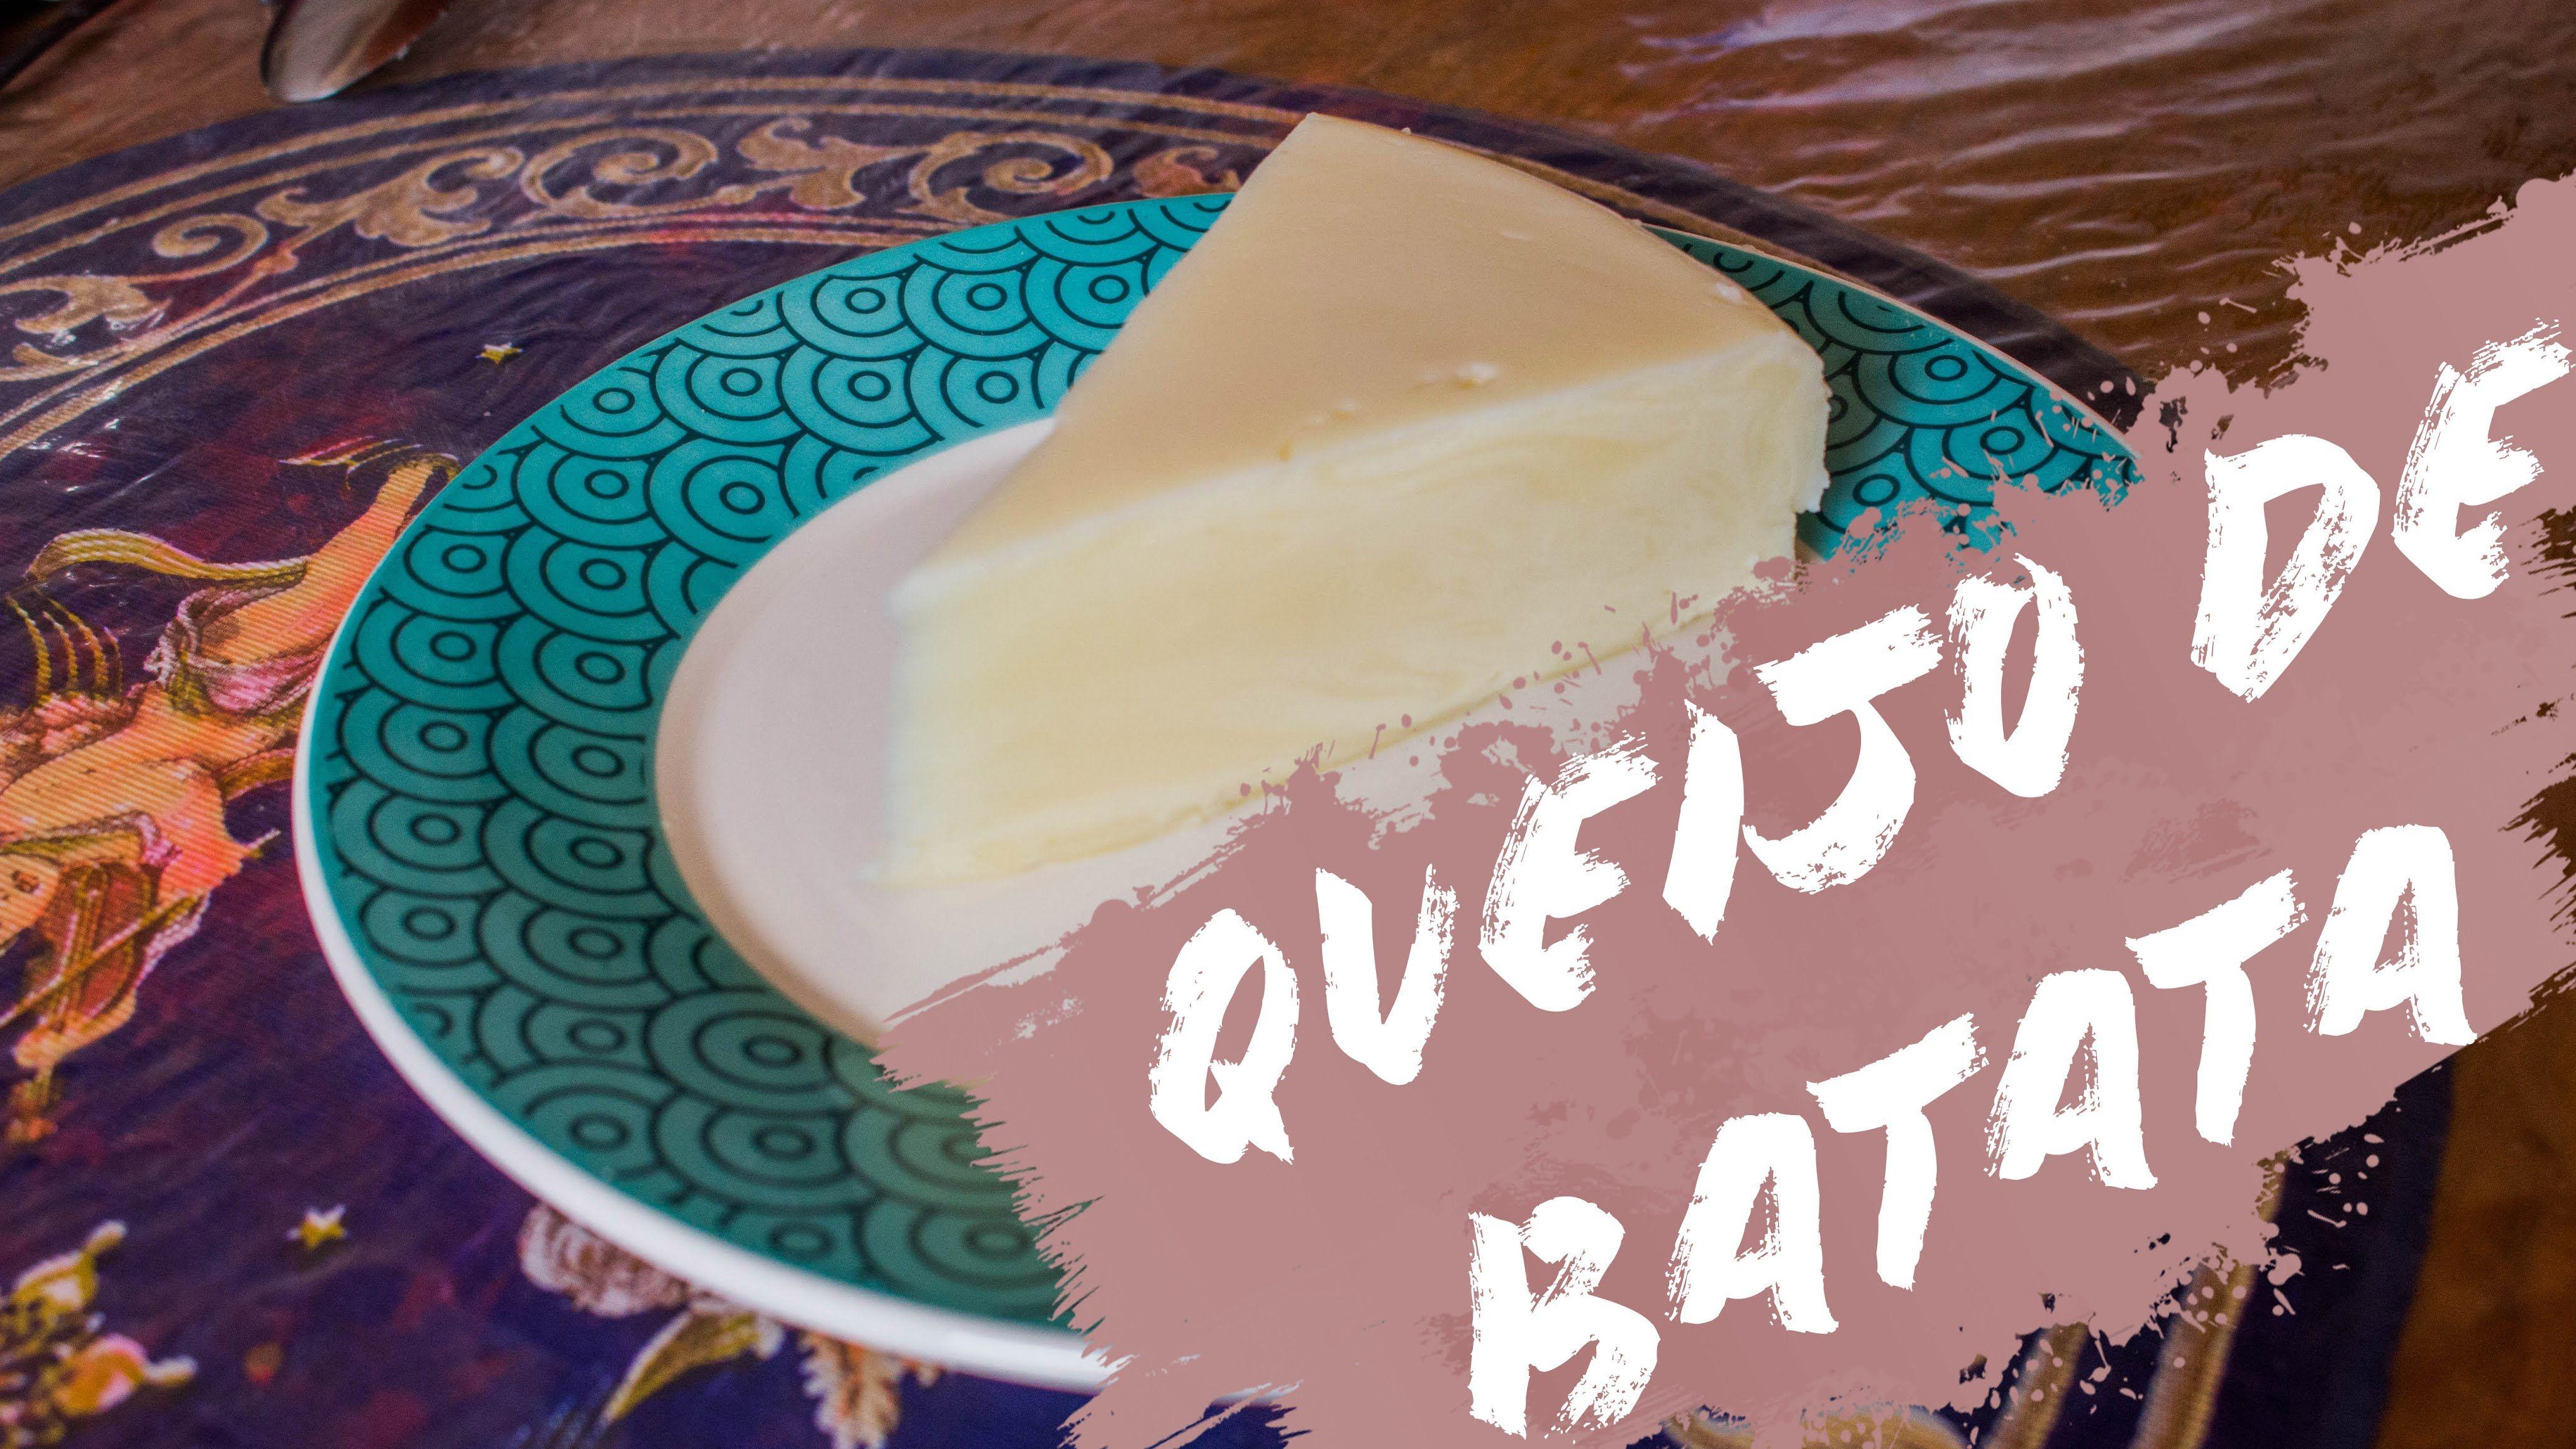 Atendendo a pedidos, fizemos o delicioso queijo de batata Ingredientes: Polvilho doce Polvilho azedo Pure de Batata Suco de limão Sal Óleo Sigam nossas Redes...